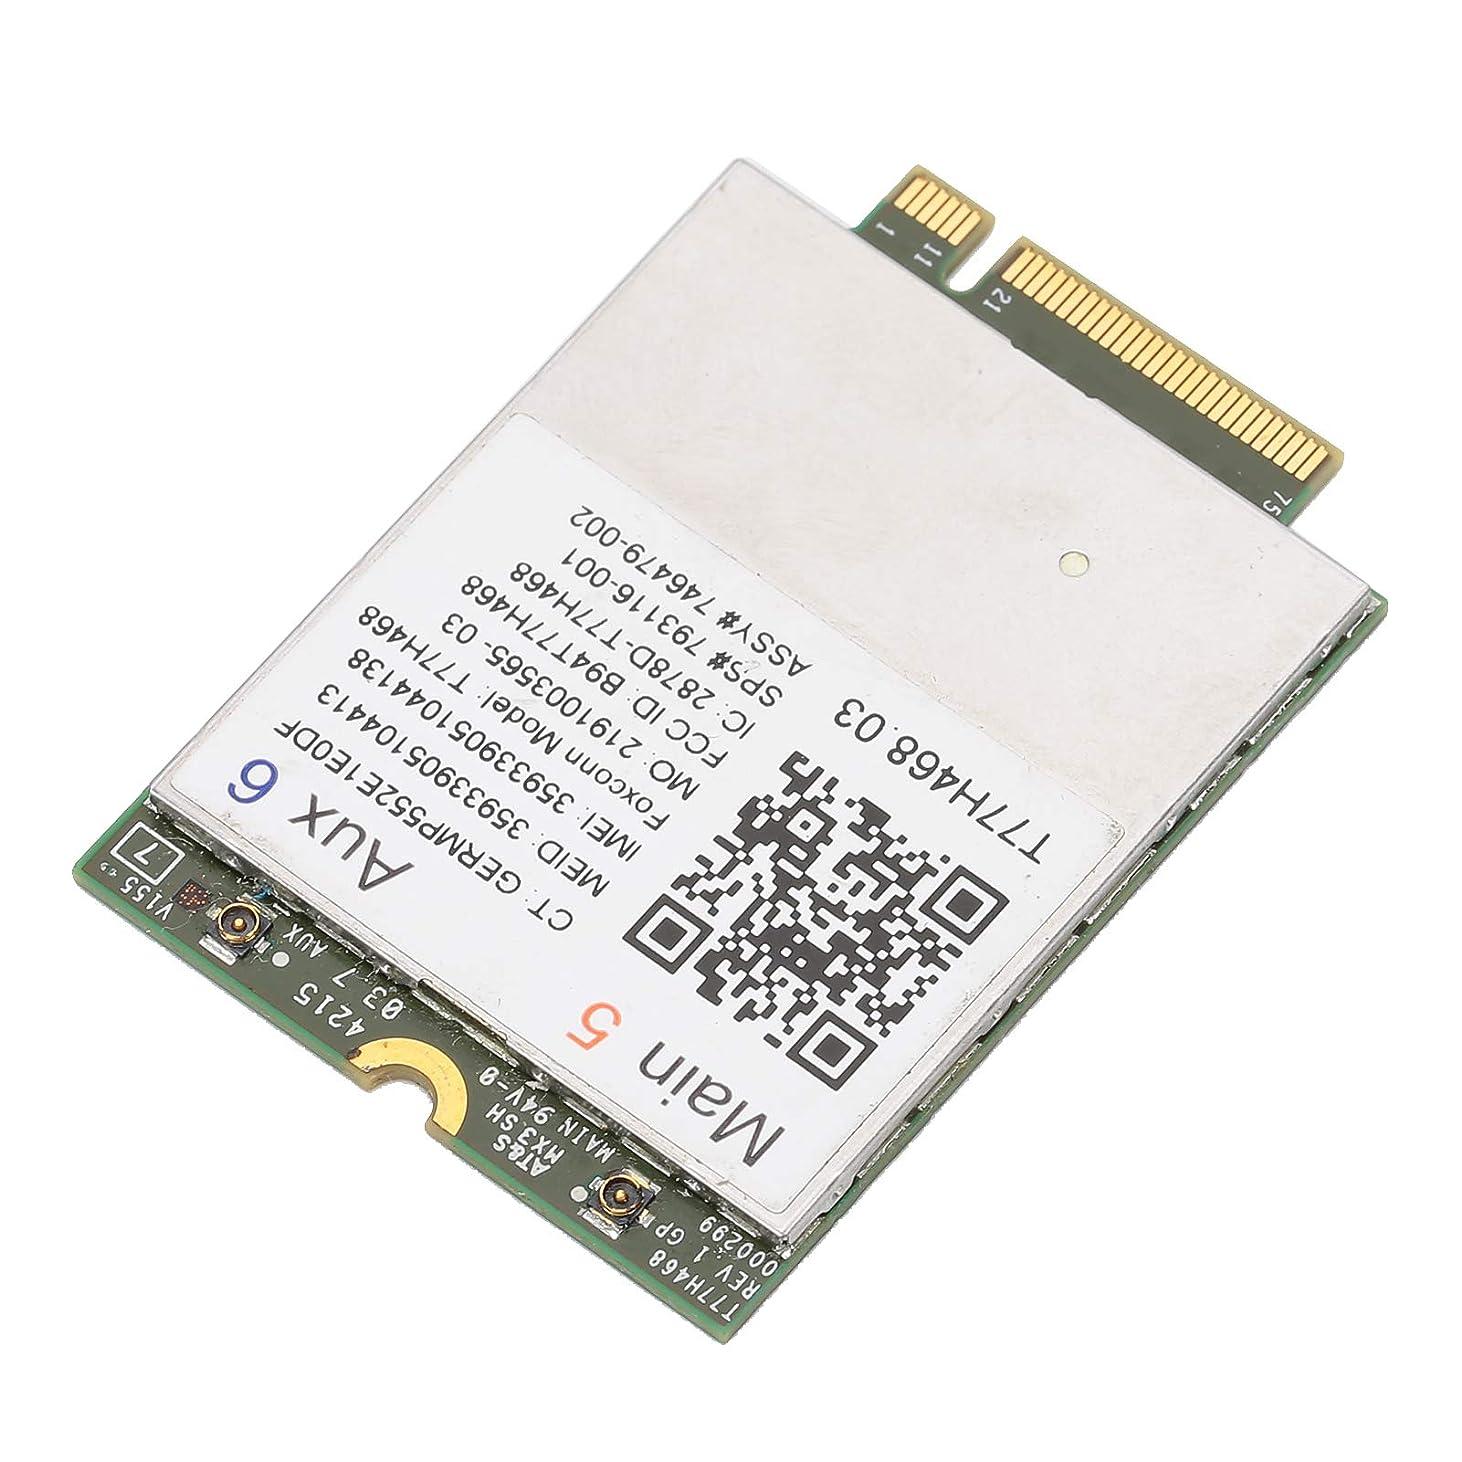 証明書眠り適合する小型4Gネットワ??ークカード、安定した信号実用的に便利なワイヤレスネットワークカード、ラップトップノートブックPC用の高品質ネットワークコンピュータ